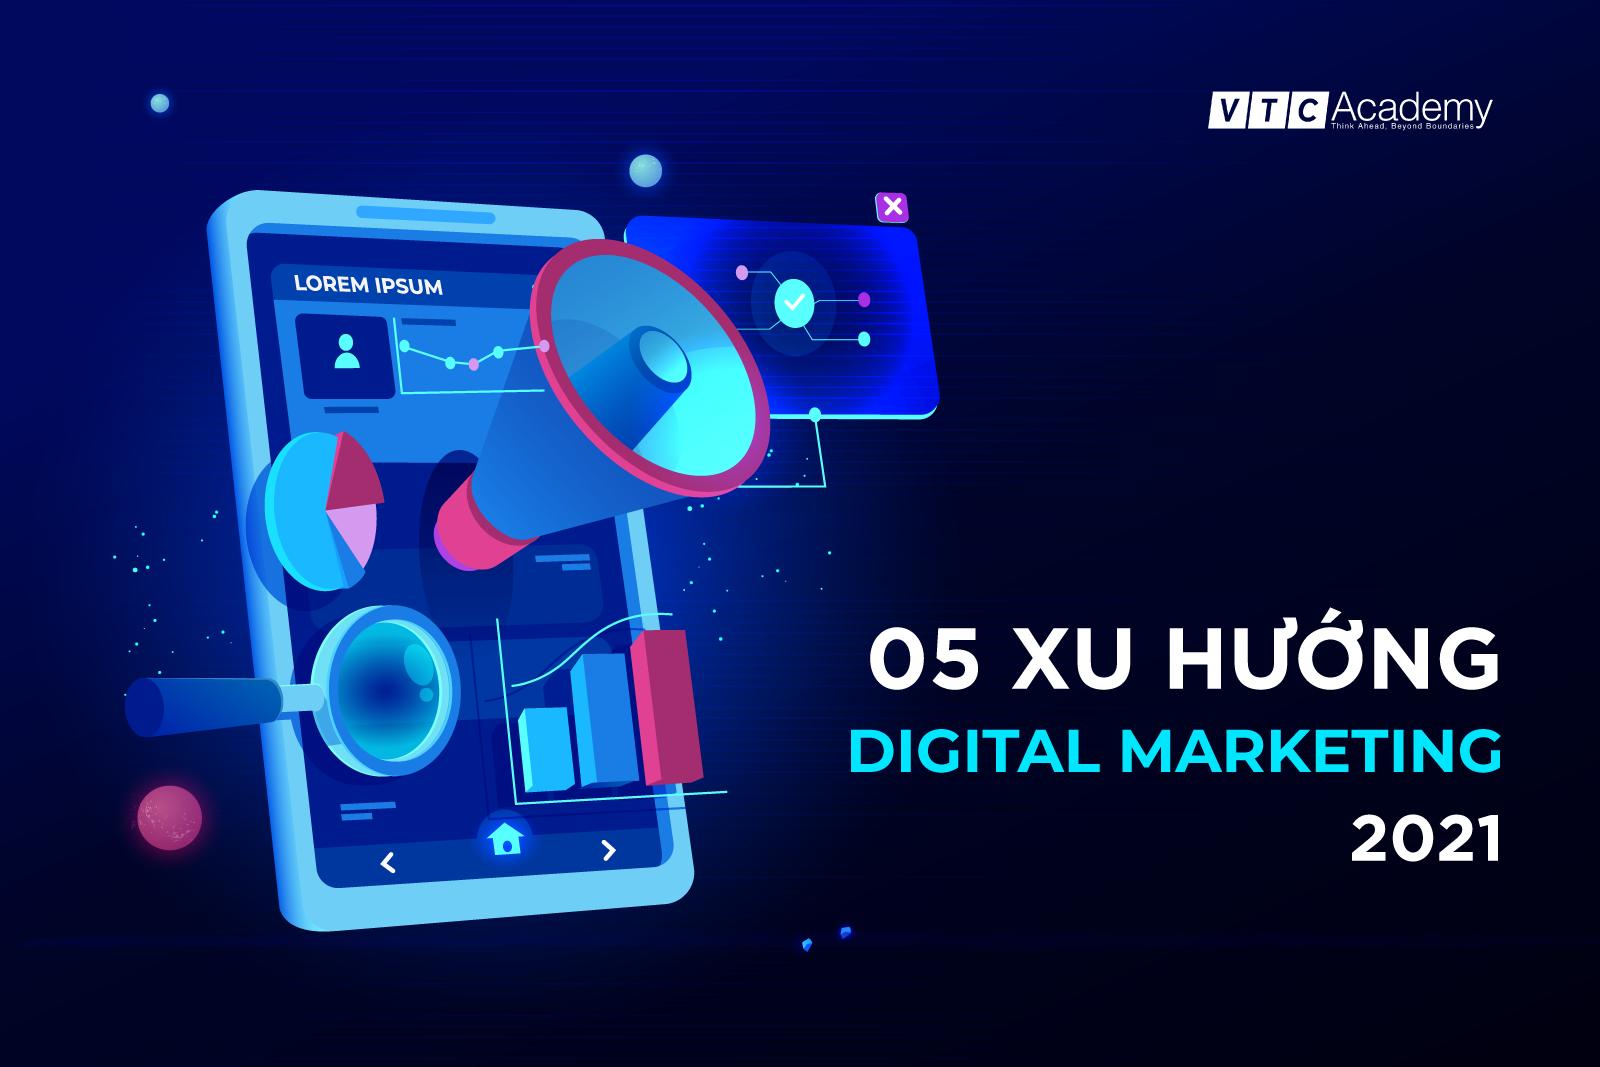 5 xu hướng Digital Marketing chủ đạo năm 2021